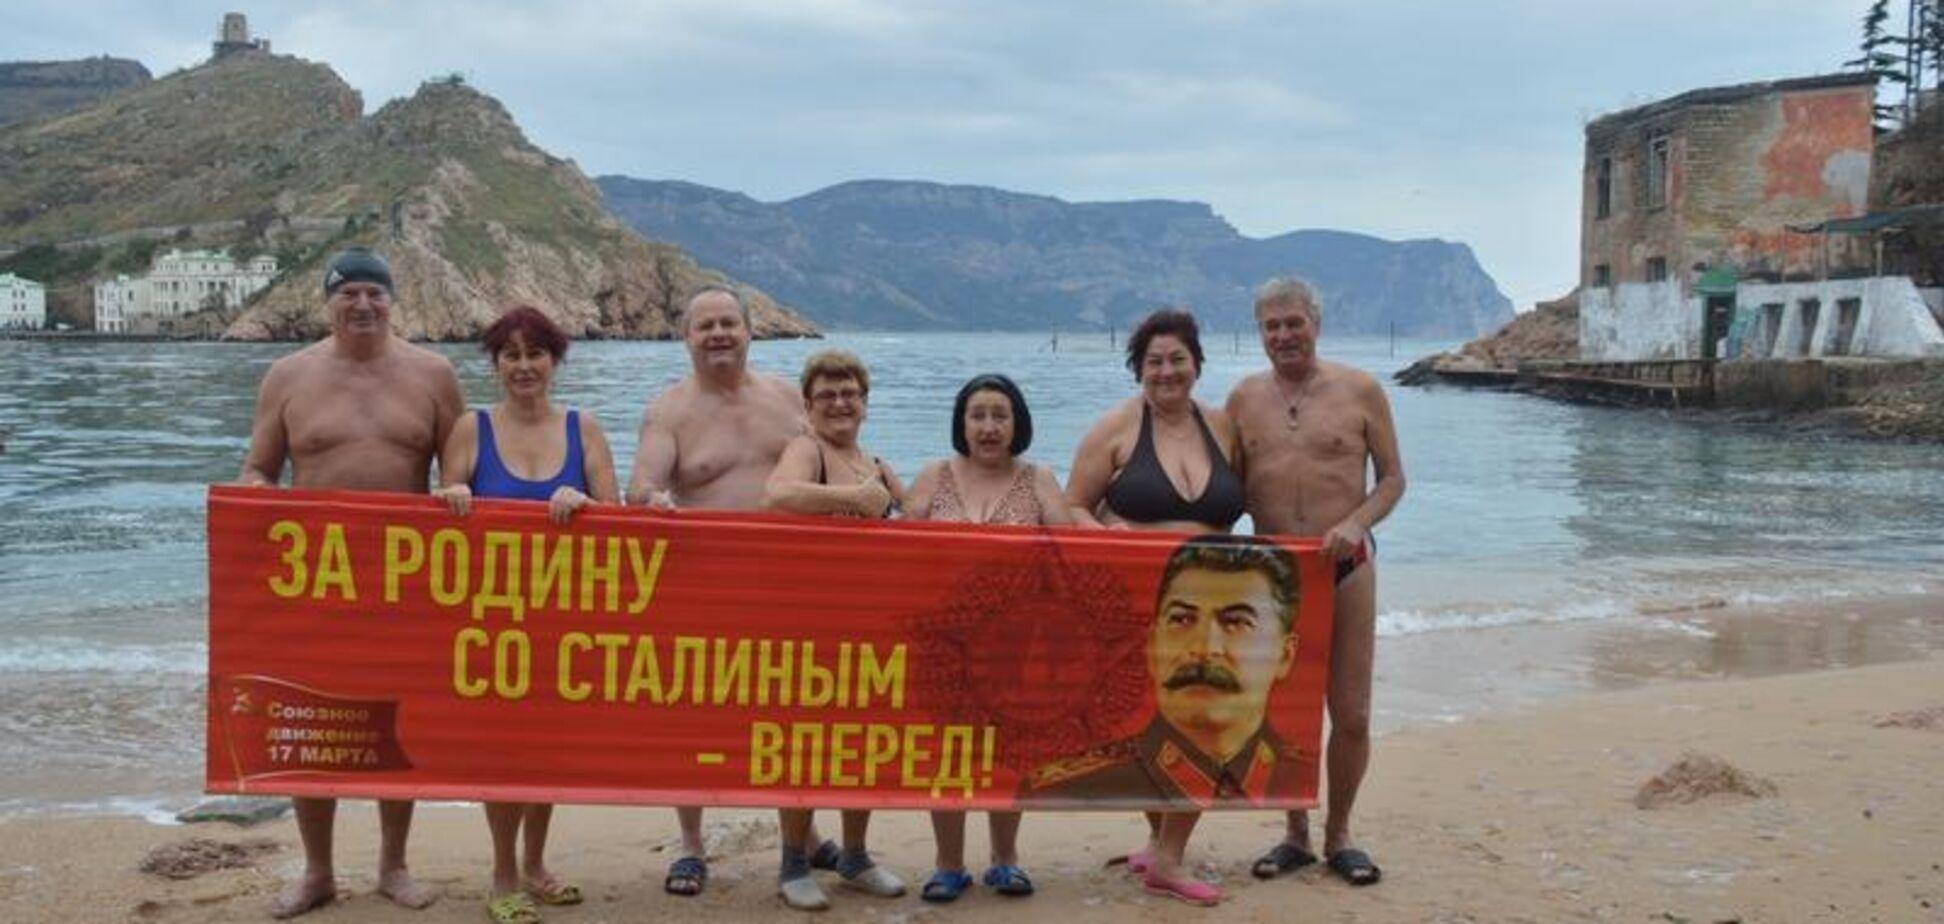 'Со Сталиным вперед': сеть взбесило фото одураченных крымчан